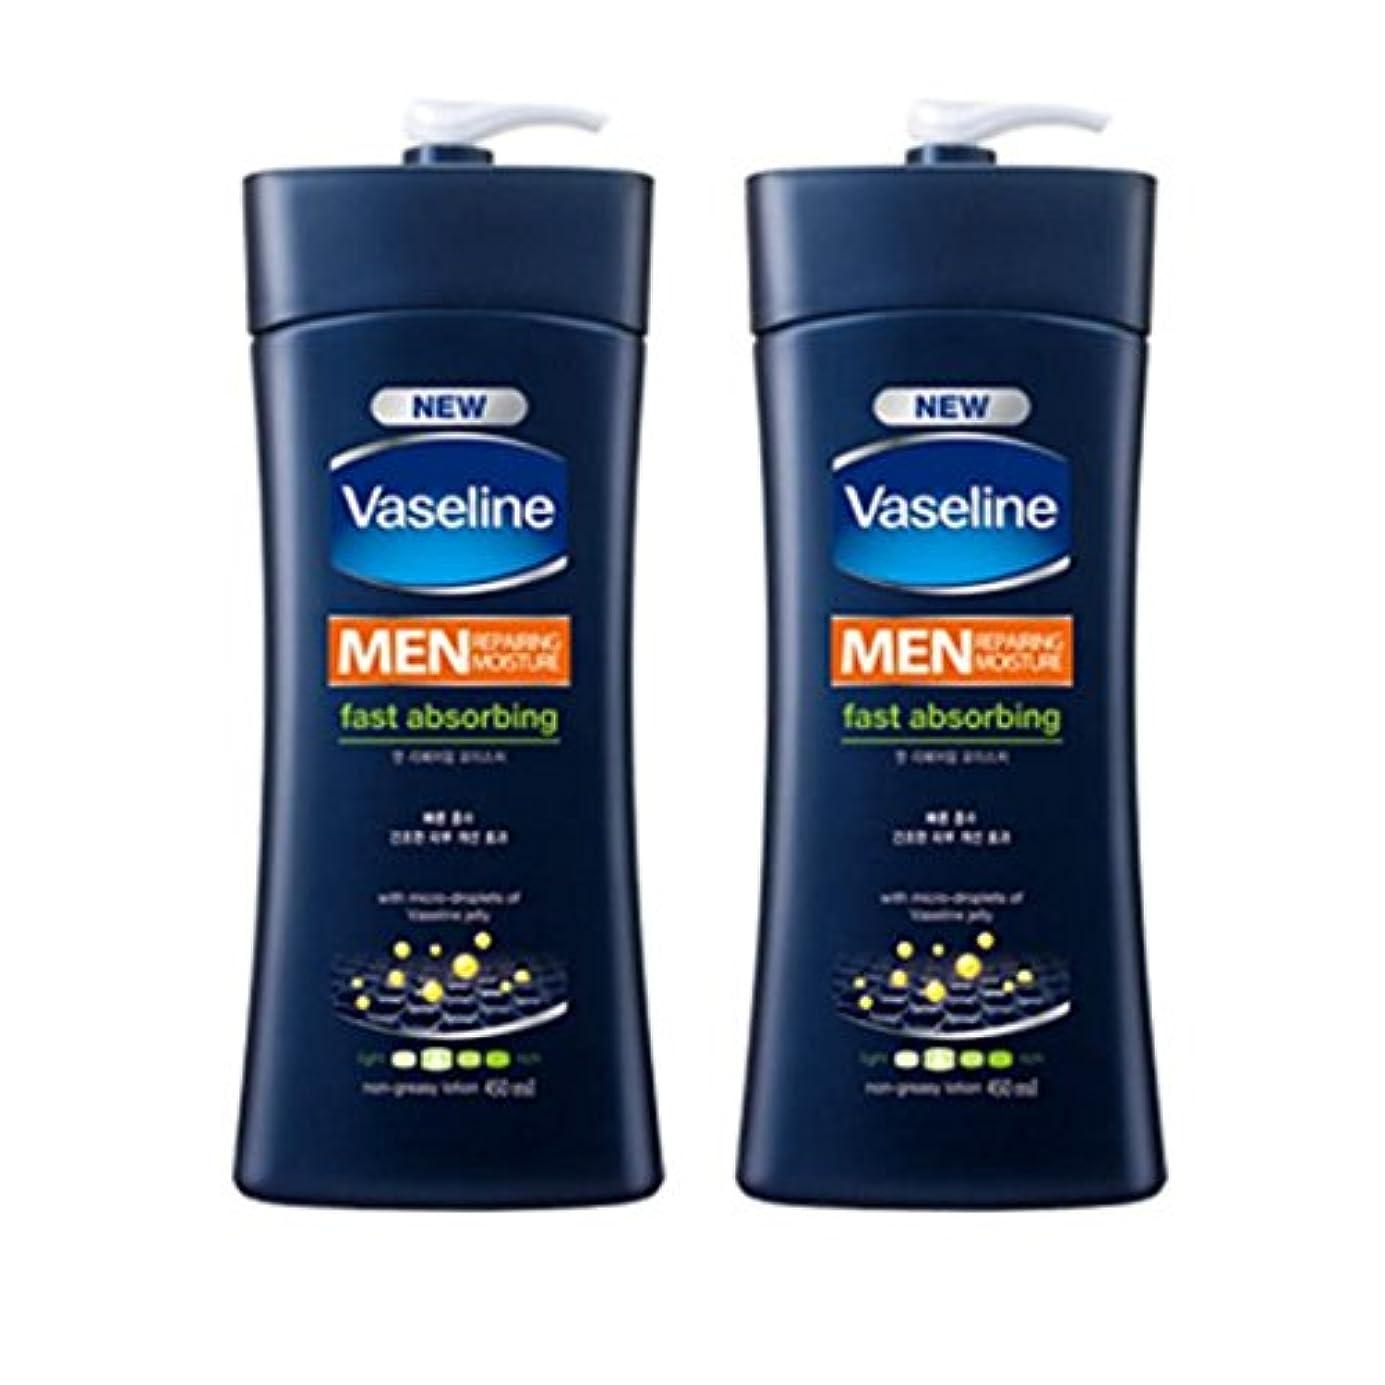 弾性前者コンテンポラリーヴァセリン メンズ リペアリング モイスチャーローション(Vaseline Man Repairing Moisture Lotion) 450ml X 2個 [並行輸入品]